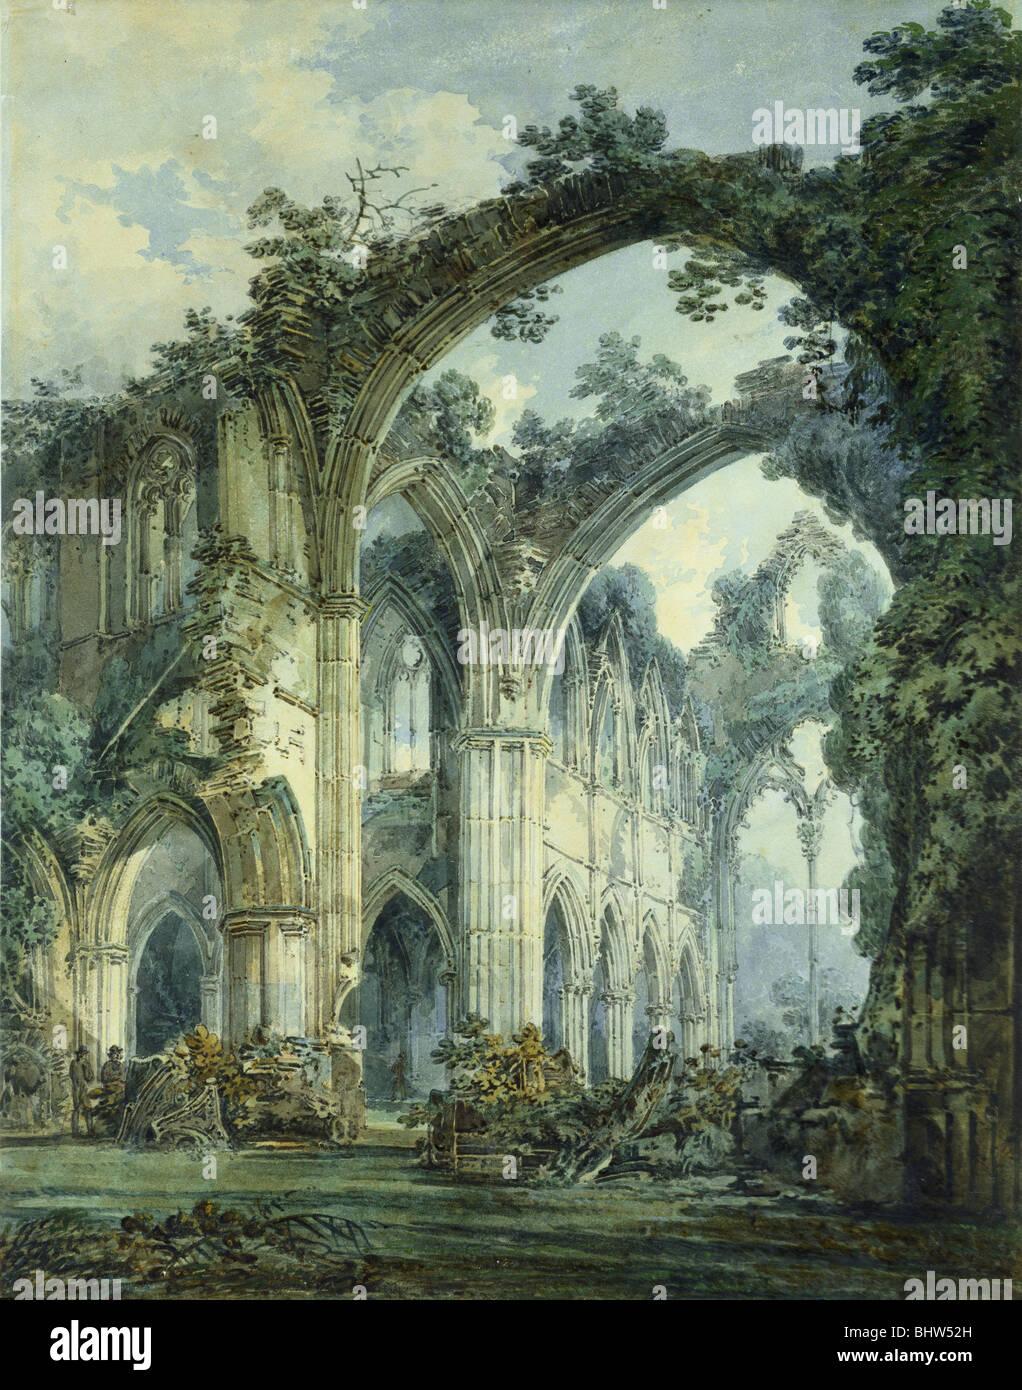 Intérieur de l'abbaye de Tintern, par J.M.W. Turner. Angleterre, 19e siècle Photo Stock